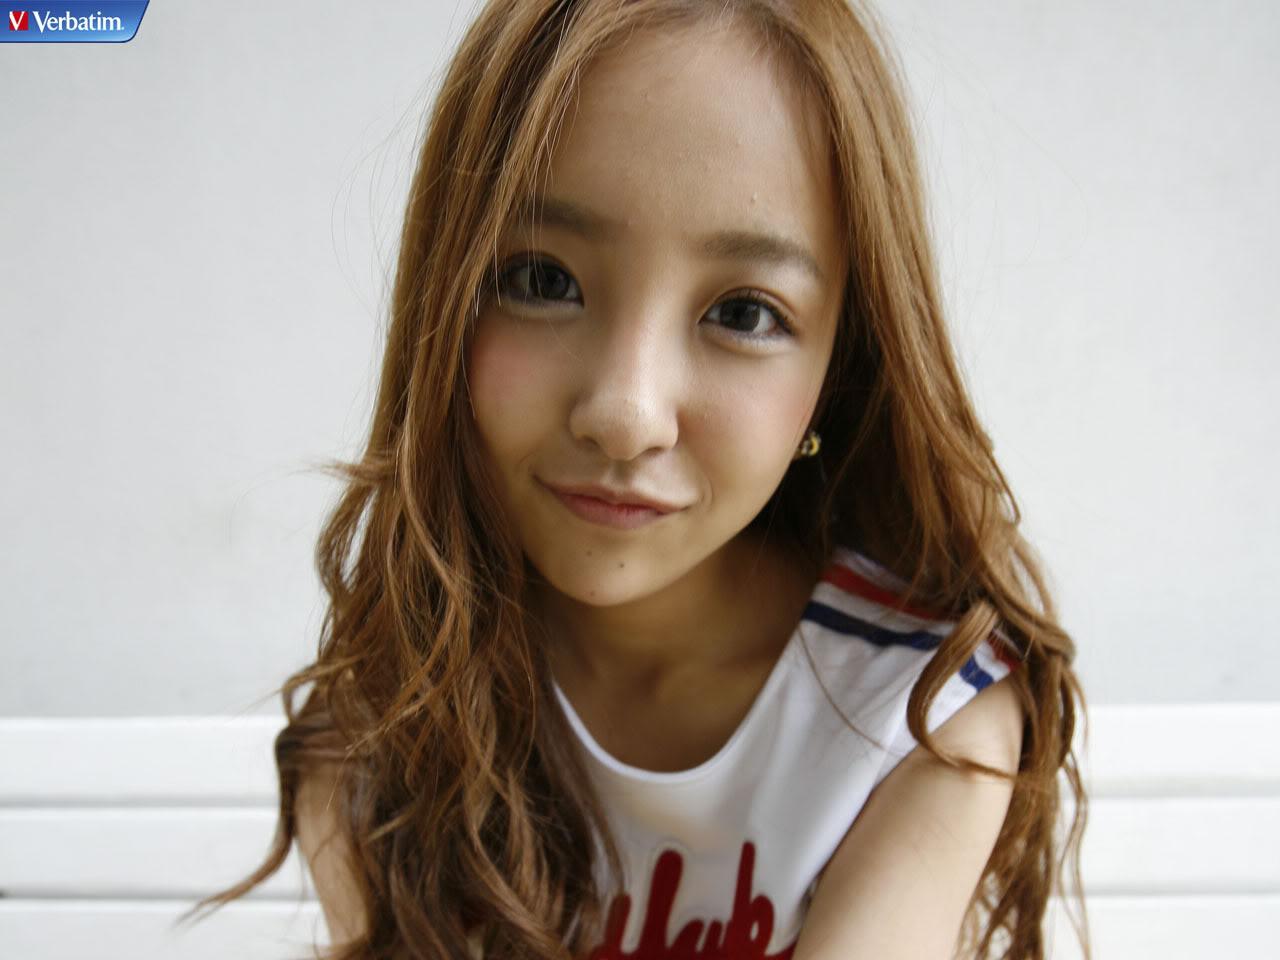 板野友美の画像 p1_29